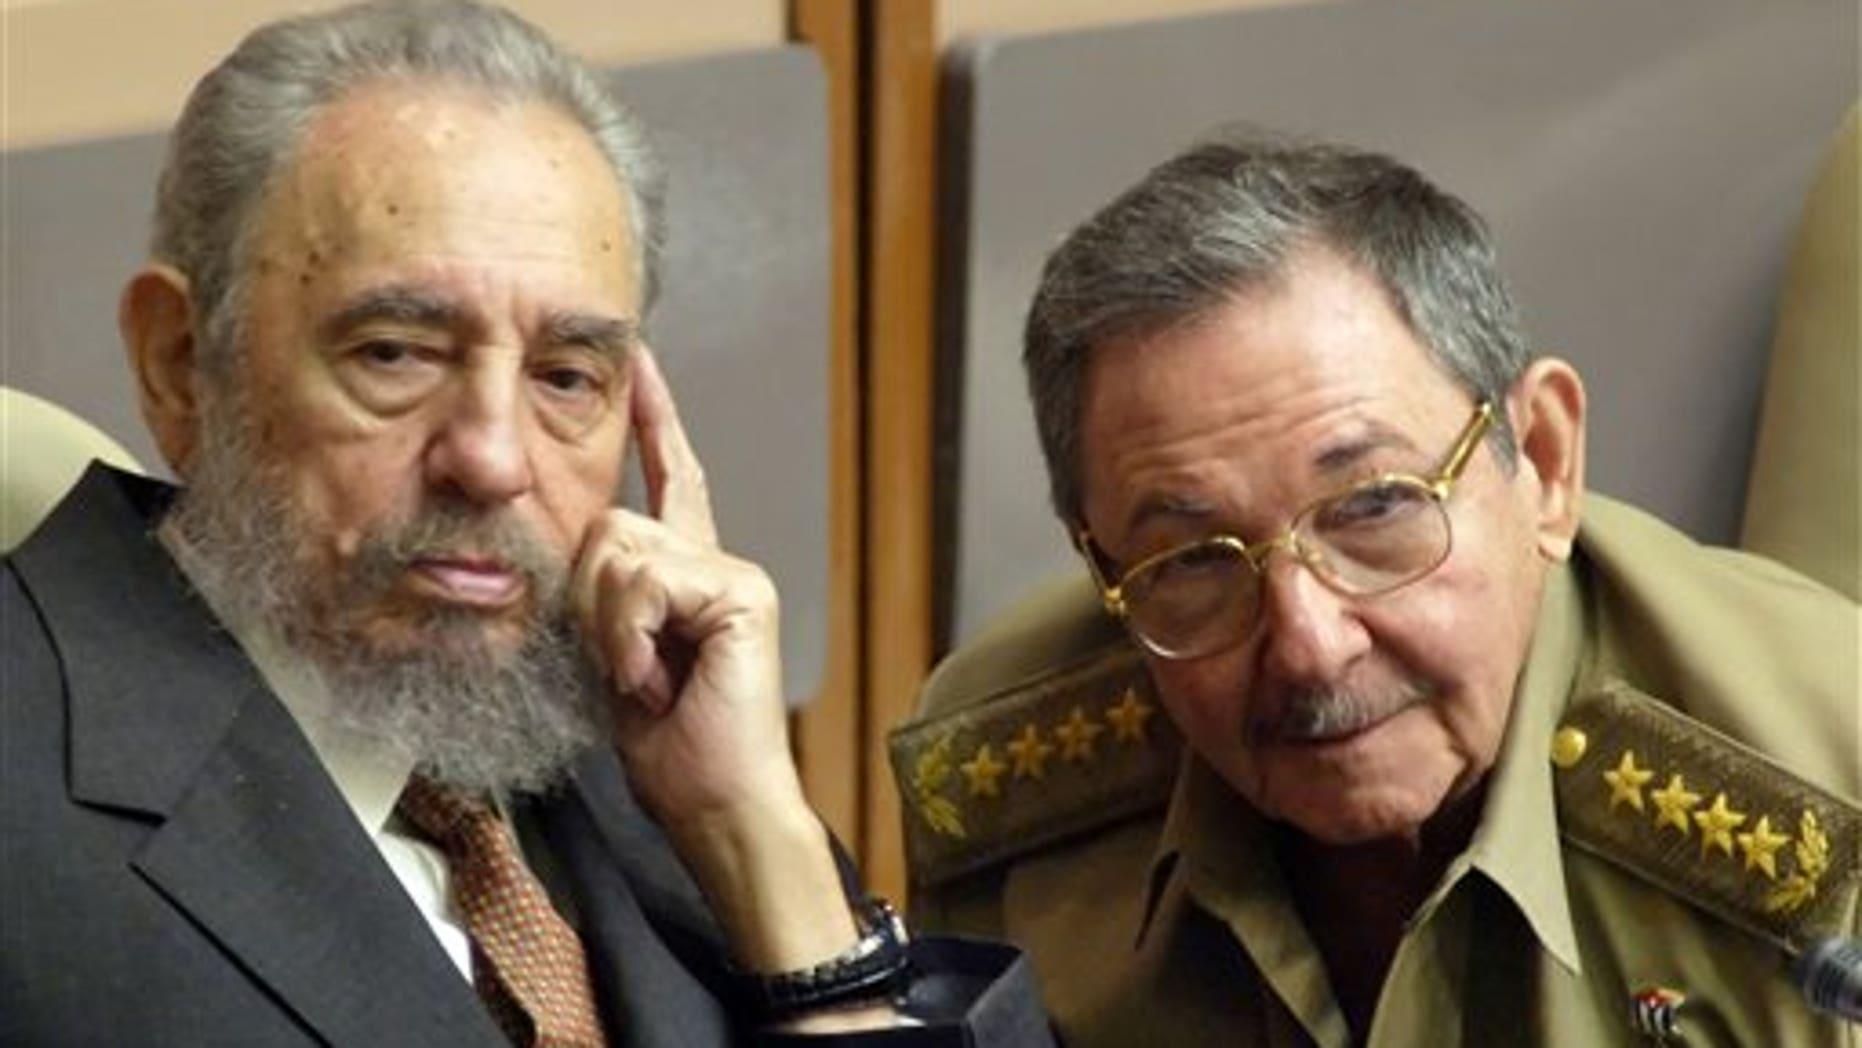 Fidel and Raul Castro, in a 2004 file photo.